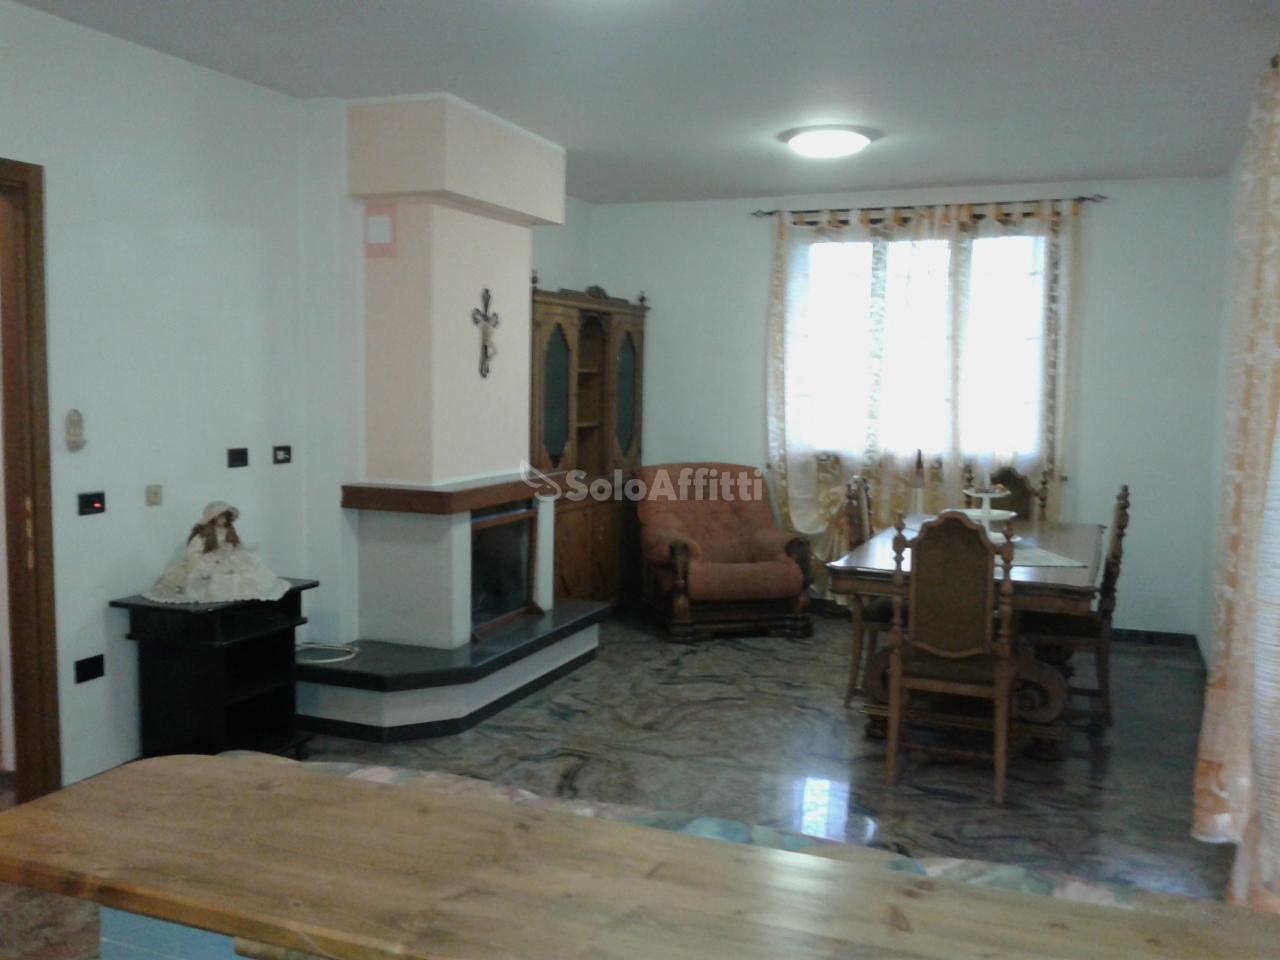 Appartamento trilocale in affitto a Mercatino Conca (PU)